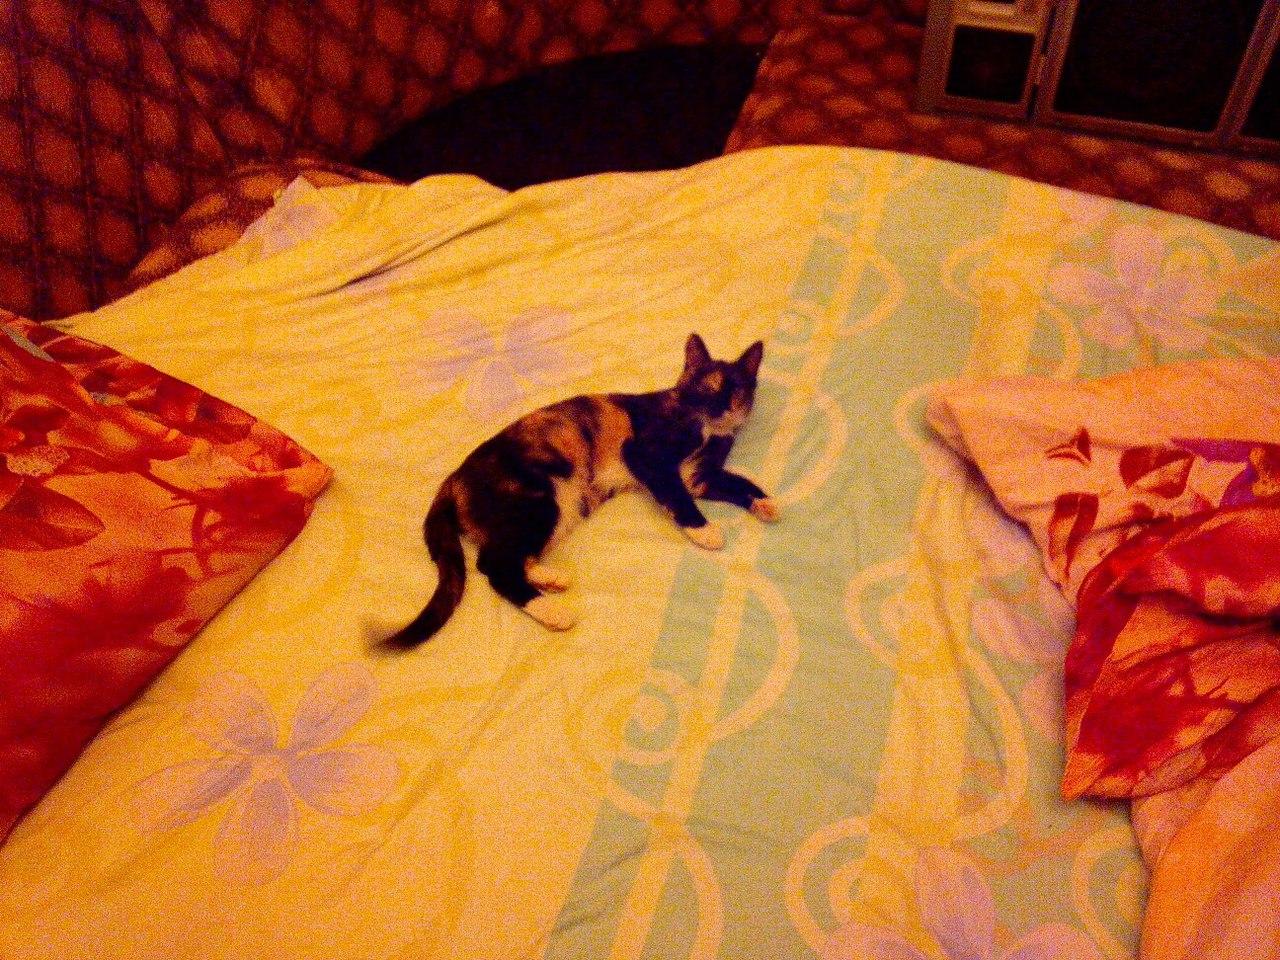 Про найденышей и брошеных котиков